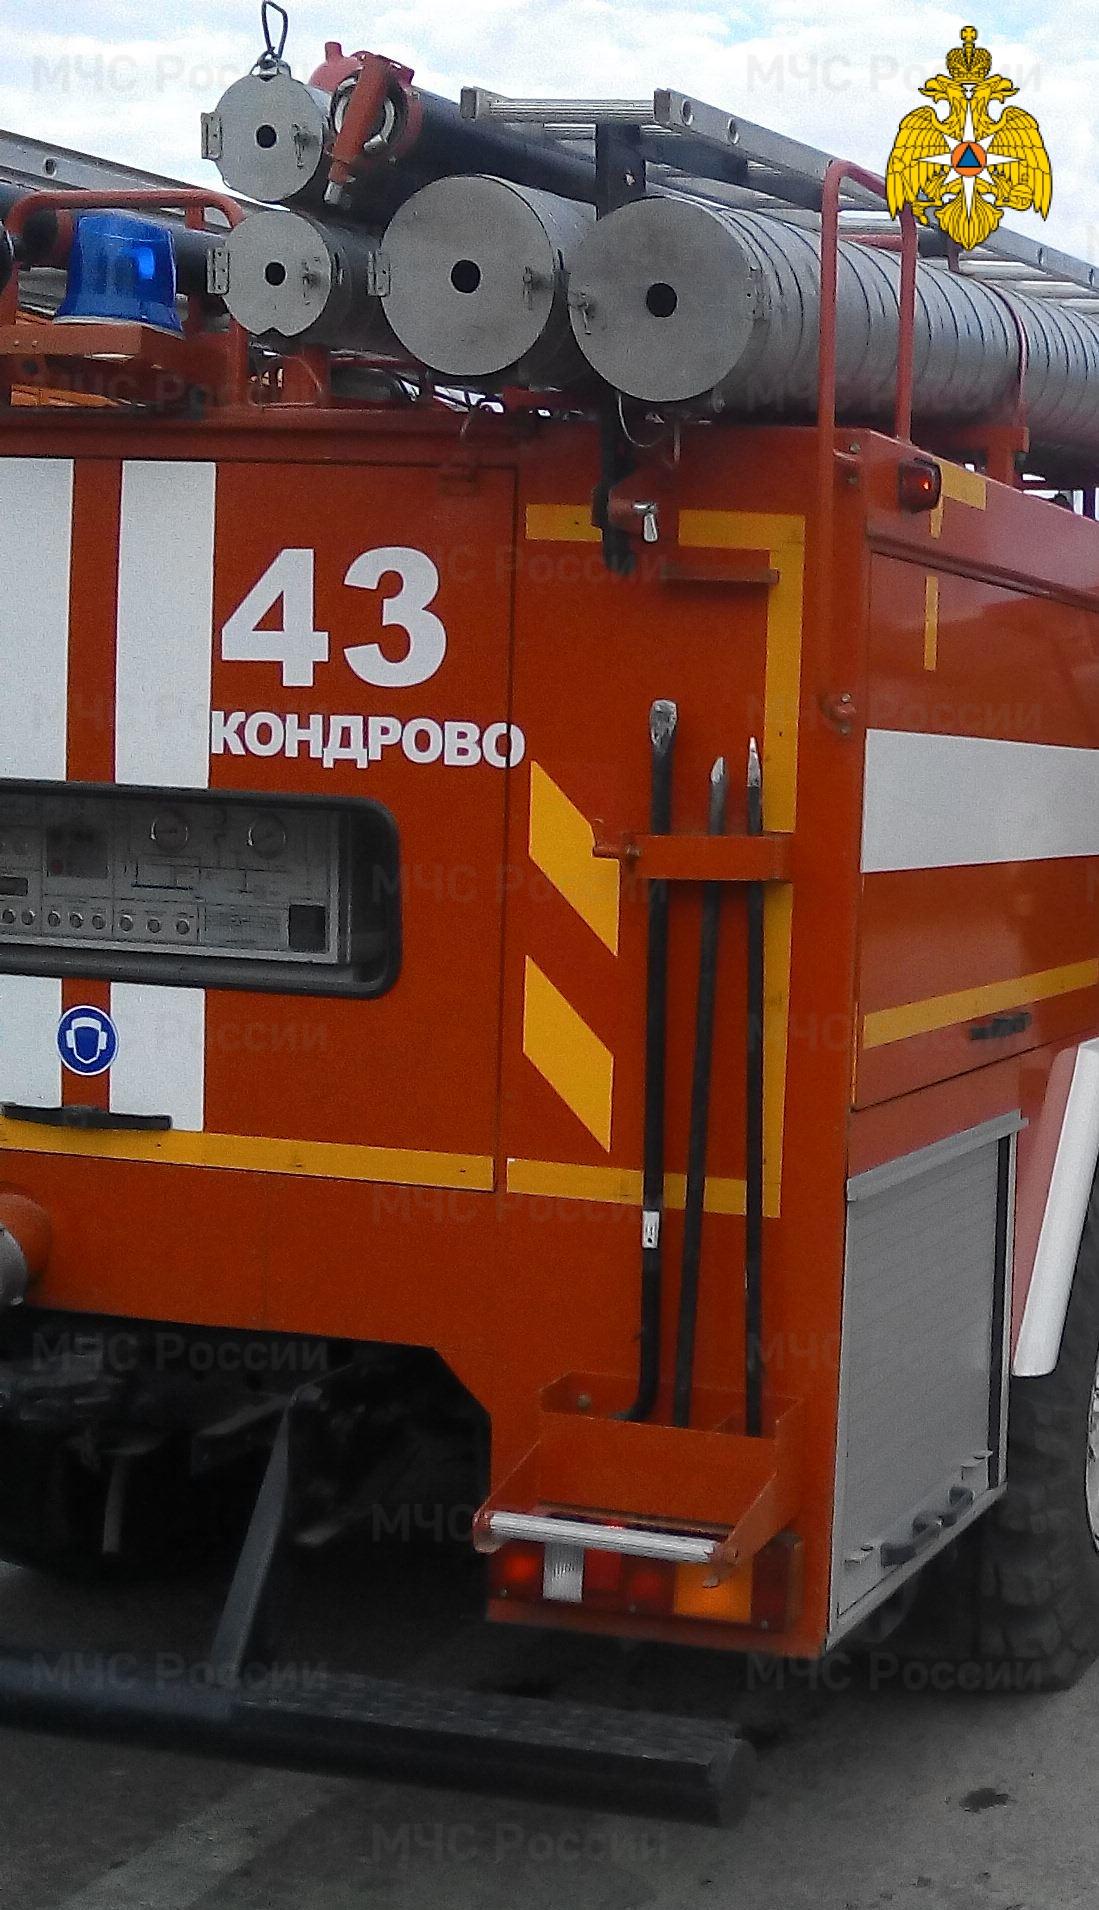 Пожар в Дзержинском районе, г. Кондрово, ул. Красный Октябрь